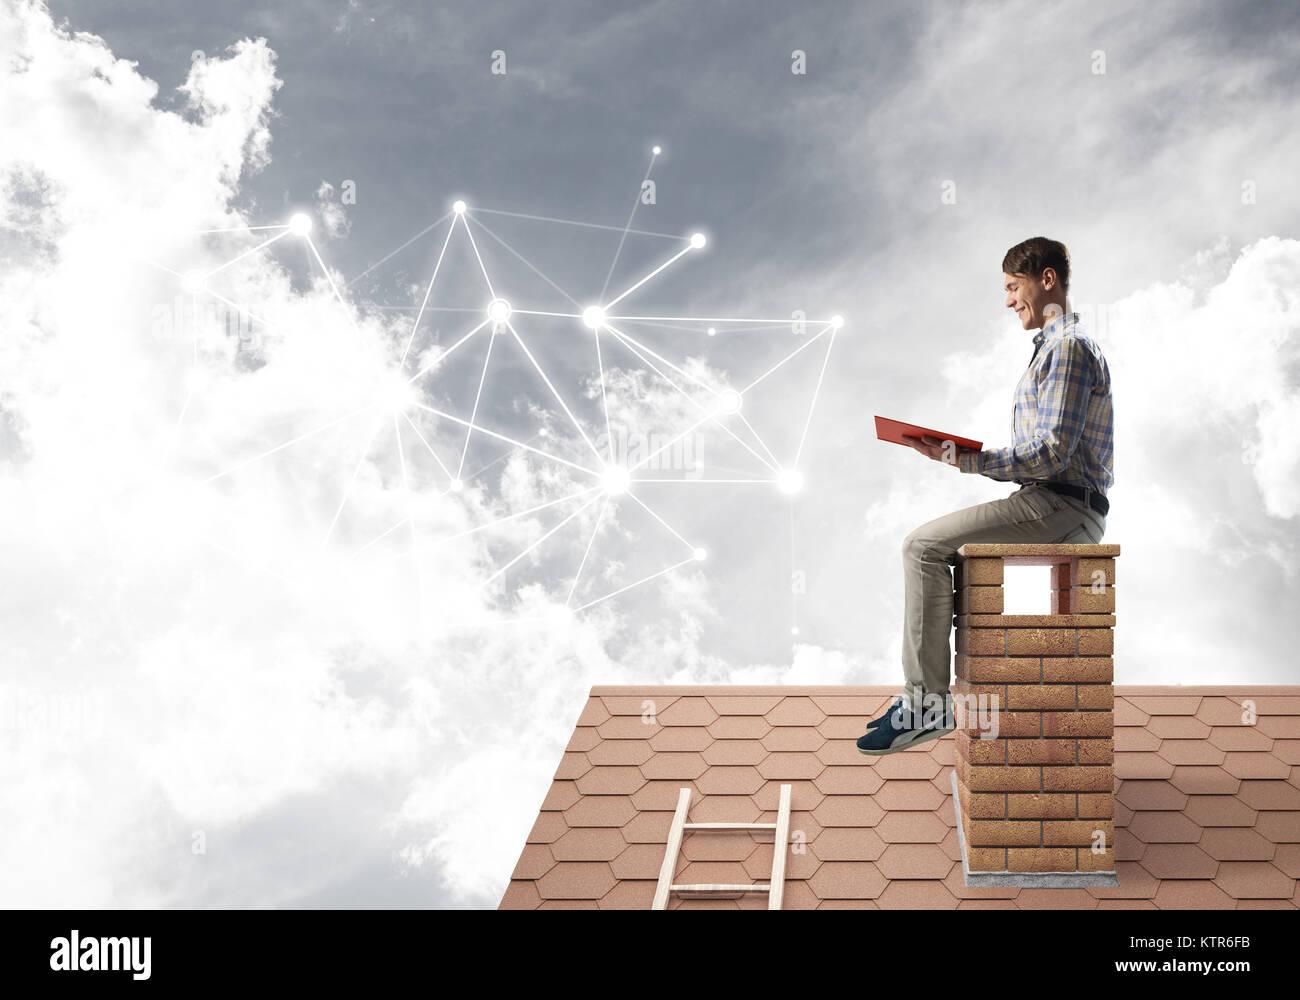 Hombre de ladrillo techo libro de lectura y el concepto de conexión social Imagen De Stock